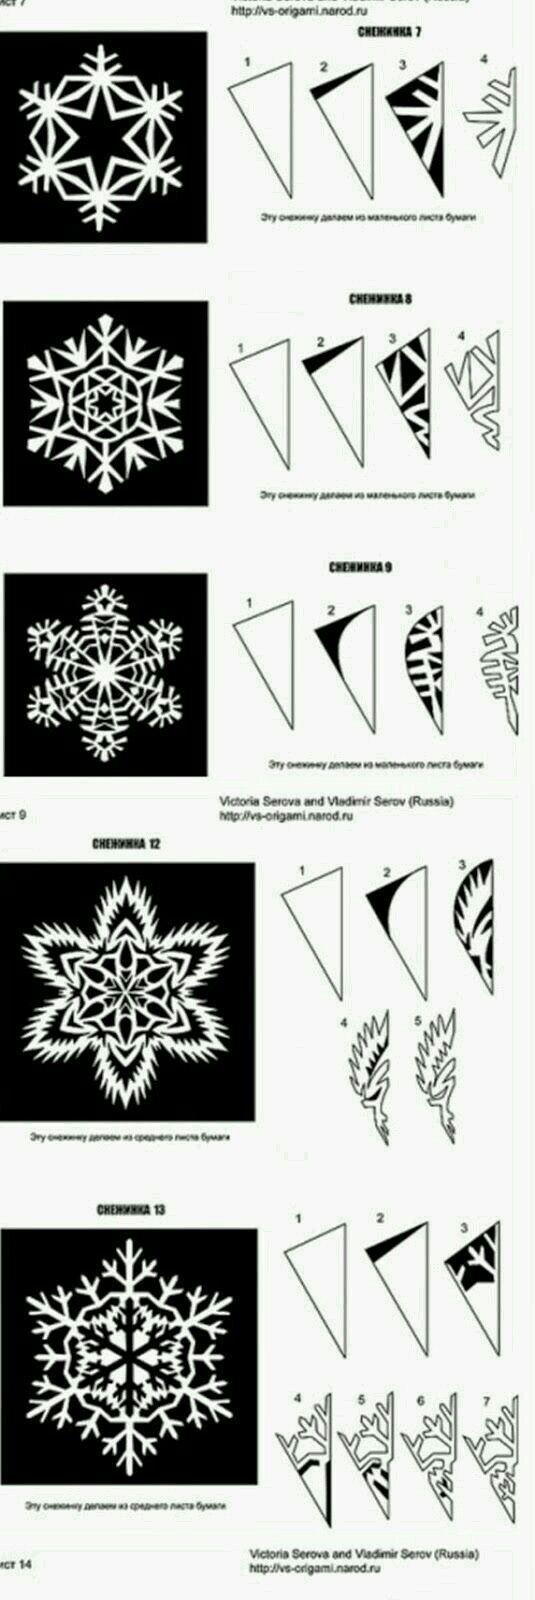 Pin de ANA en origami , filigrana... | Pinterest | Origami y Filigrana